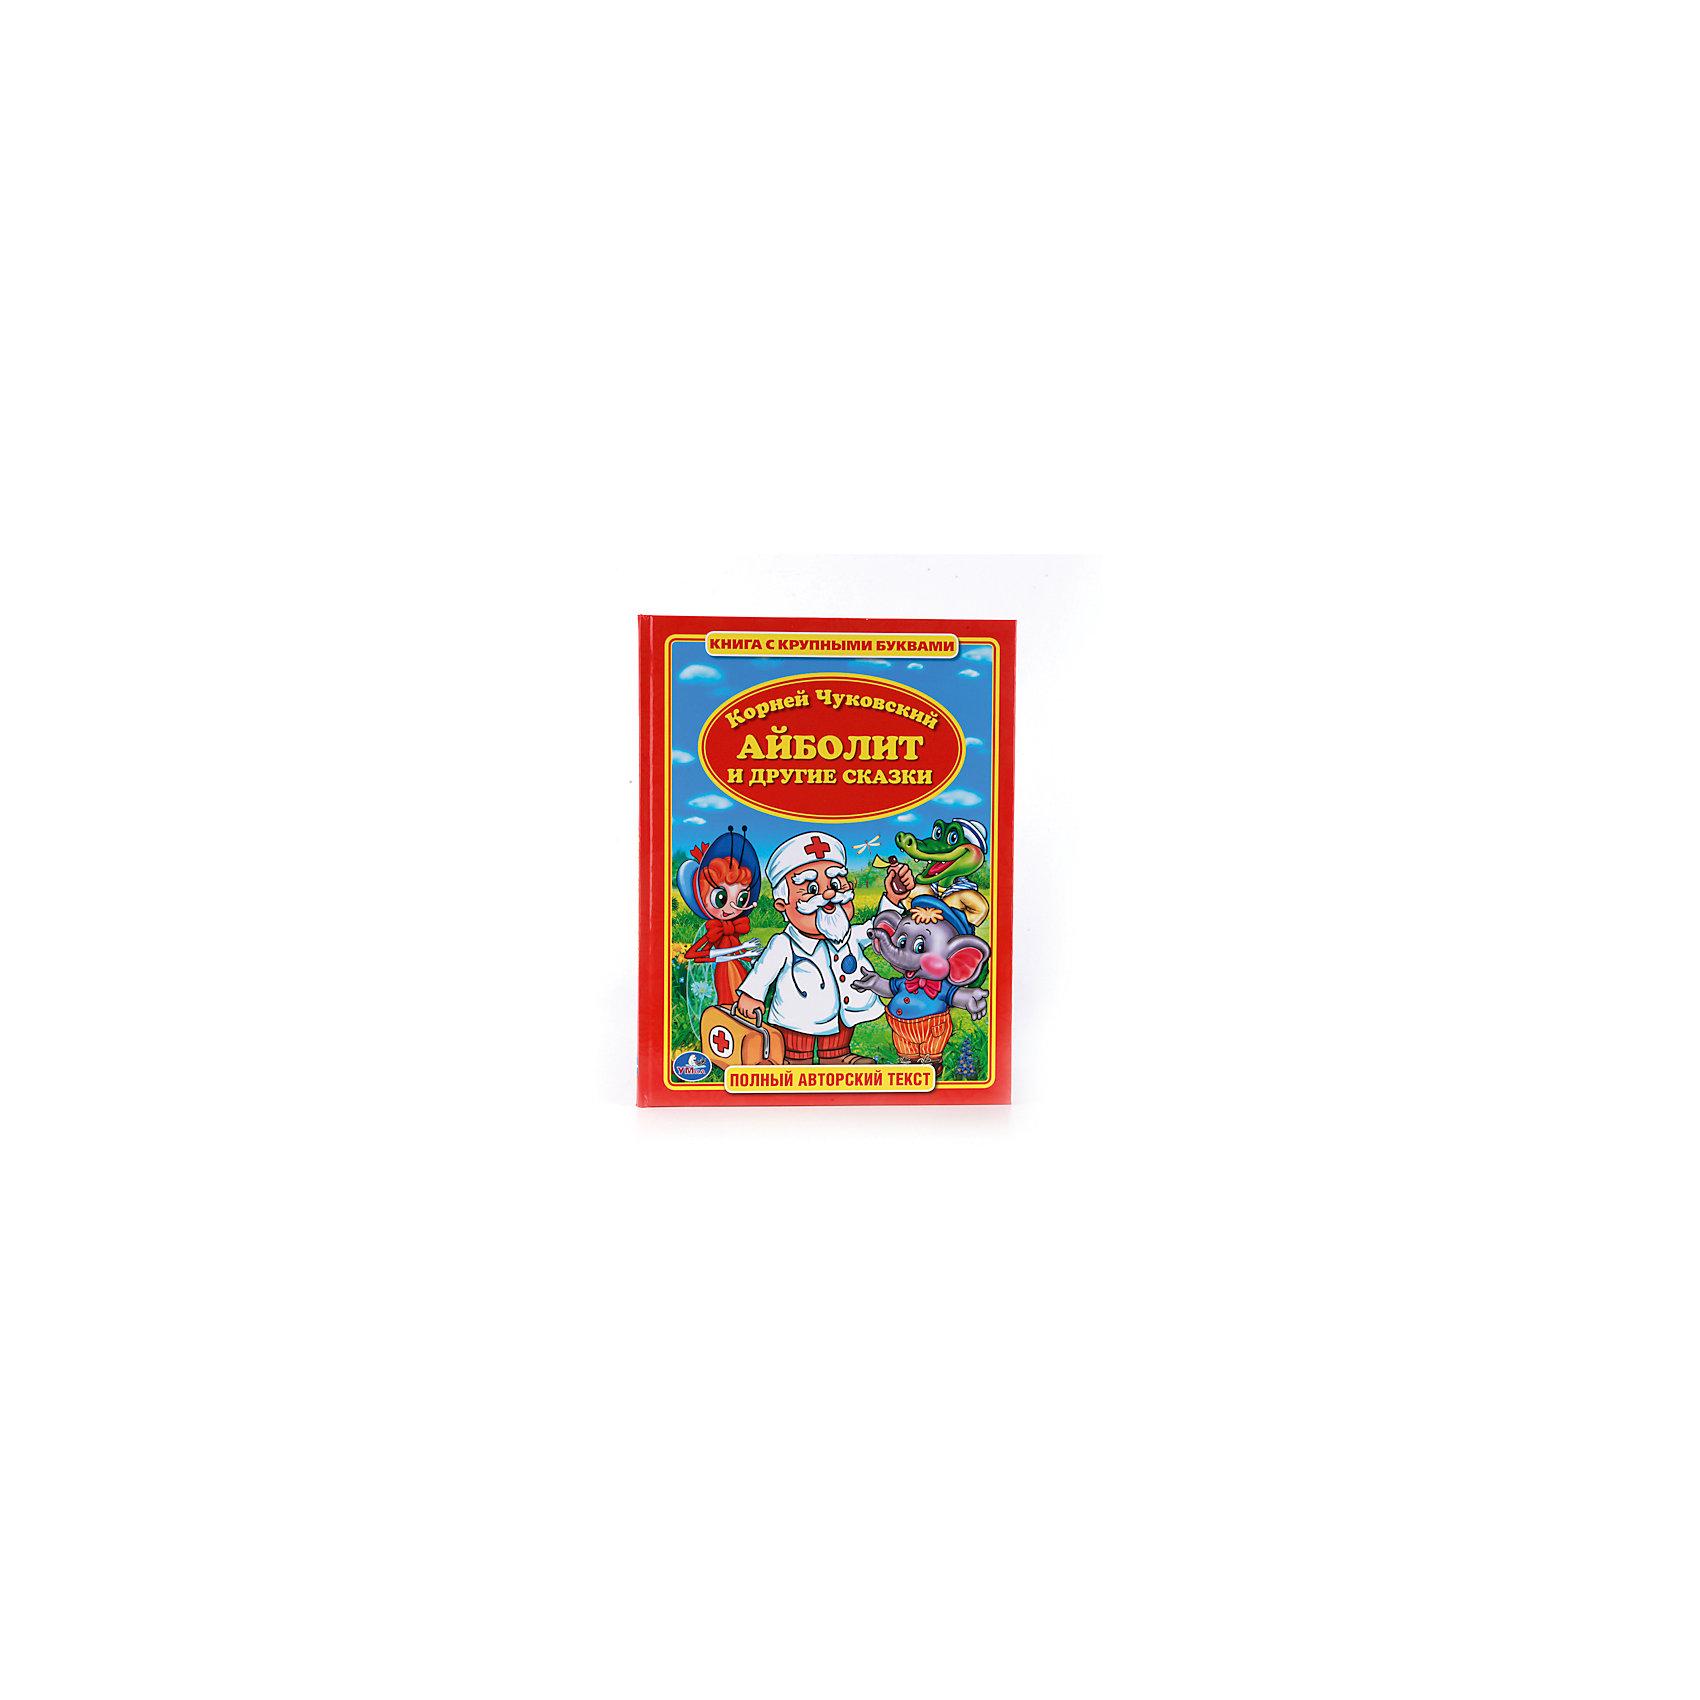 Книга с крупными буквами Айболит, К.ЧуковскийРусские сказки<br>Характеристики товара:<br><br>• цвет: разноцветный<br>• размер: 26x20 см<br>• материал: картон<br>• страниц: 32<br>• возраст: 0+<br>• обложка: твердая<br>• цветные иллюстрации<br>• страна бренда: РФ<br>• страна изготовитель: РФ<br><br>Сказки и стихи не только развлекают малышей, они помогают учиться и познавать мир! Такая книжка станет отличным подарком ребенку и родителям - ведь с помощью неё можно учиться добру и рассматривать картинки. Формат - очень удобный, качество печати - отличное! Книжка дополнена яркими картинками. Книжки с крупными буквами созданы специально для малышей - так им легче научиться читать.<br>Чтение даже в юном возрасте помогает детям развивать важные навыки и способности, оно активизирует мышление, формирует усидчивость, логику и воображение. Изделие производится из качественных и проверенных материалов, которые безопасны для детей.<br><br>Книжку с крупными буквами Айболит, К.Чуковский от бренда Умка можно купить в нашем интернет-магазине.<br><br>Ширина мм: 10<br>Глубина мм: 260<br>Высота мм: 200<br>Вес г: 210<br>Возраст от месяцев: 36<br>Возраст до месяцев: 60<br>Пол: Унисекс<br>Возраст: Детский<br>SKU: 5196924